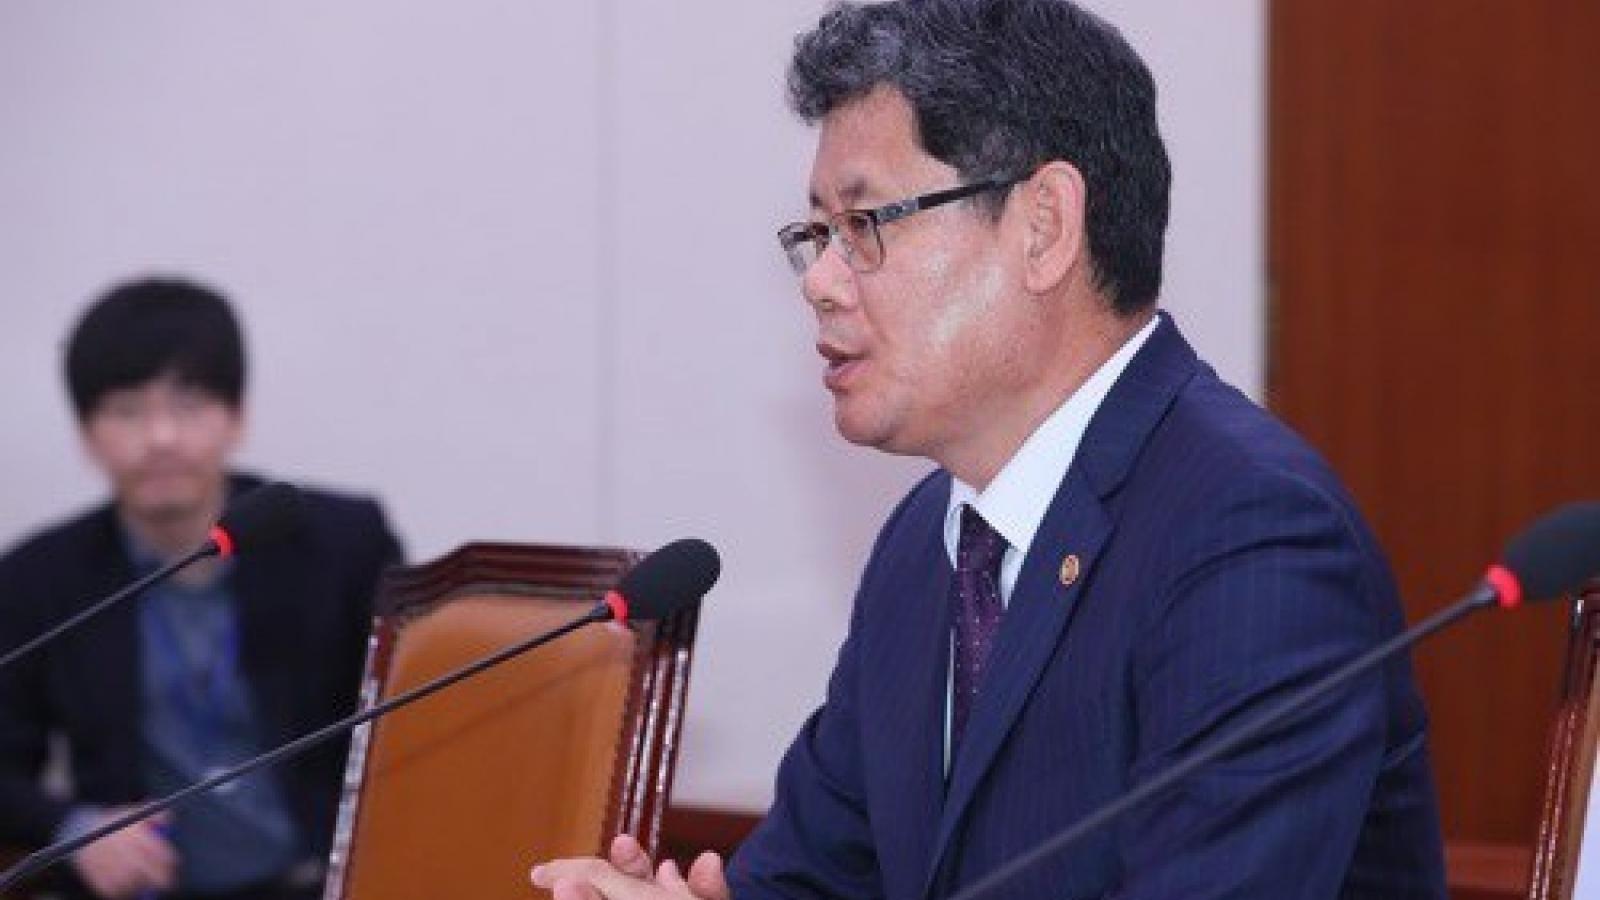 Bộ trưởng Hàn Quốc lấy làm tiếc trước tin giả về lãnh đạo Triều Tiên